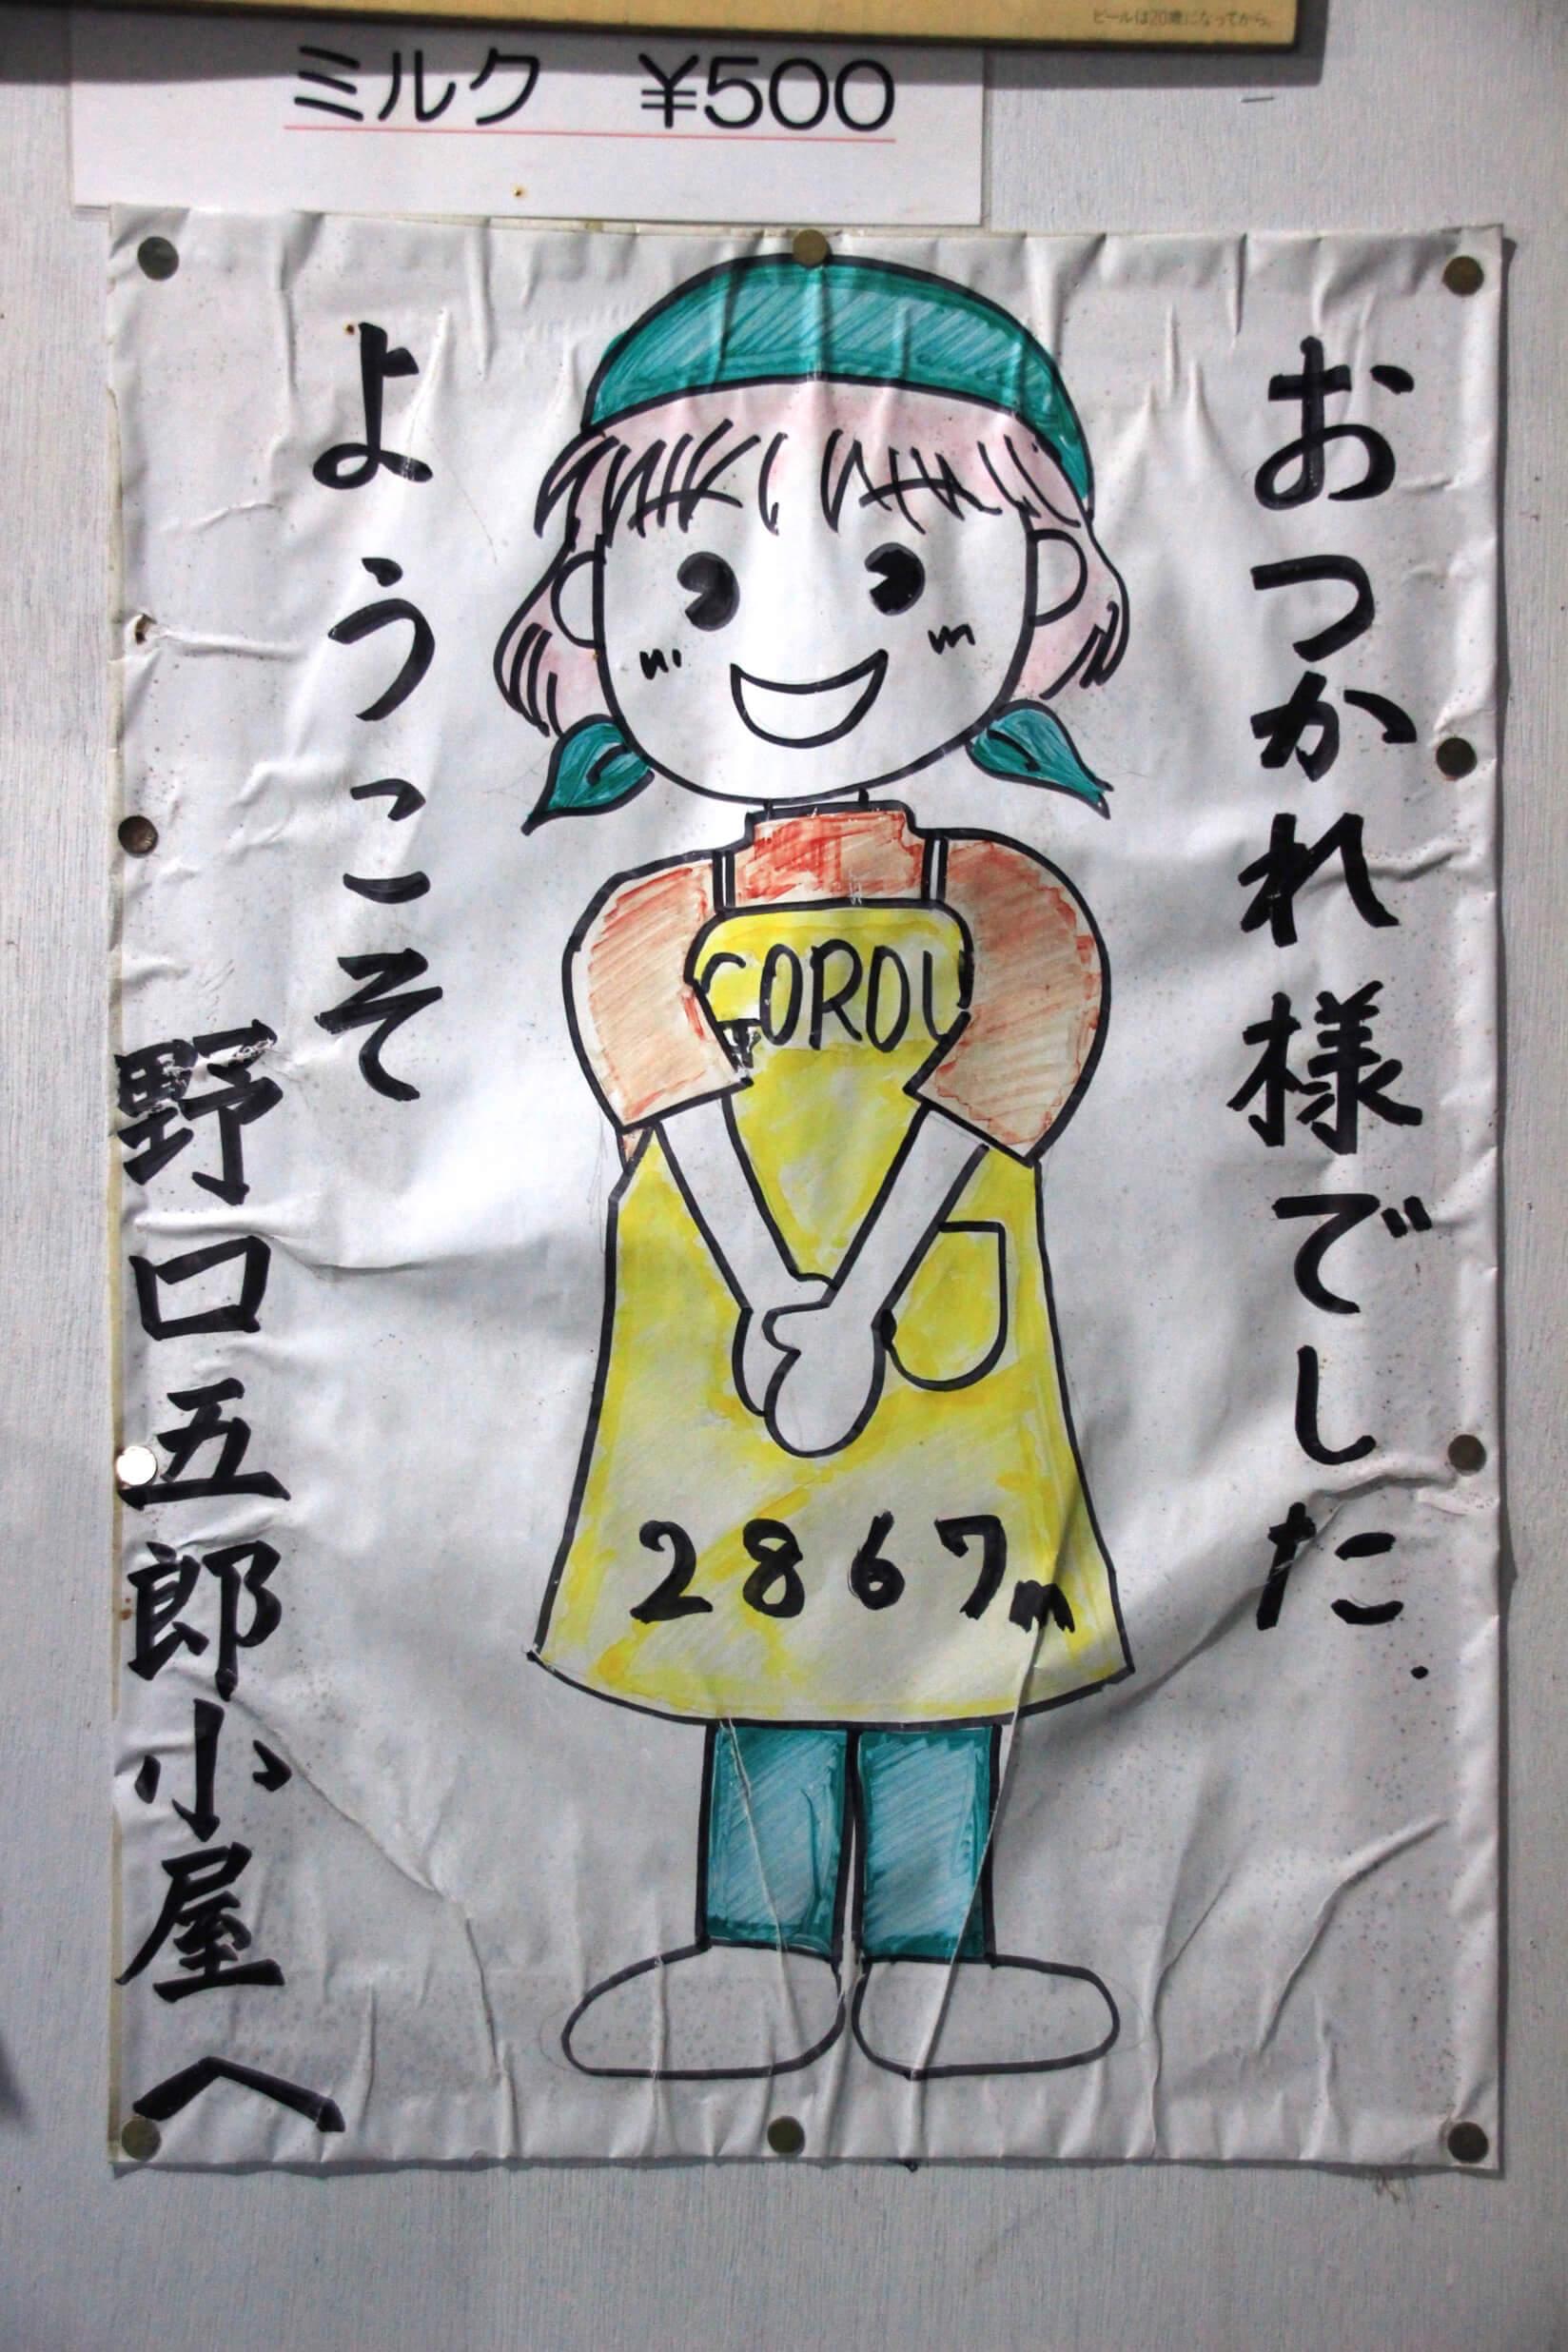 野口五郎小屋ポスター「おつかれ様でした。ようこそ野口五郎小屋へ」